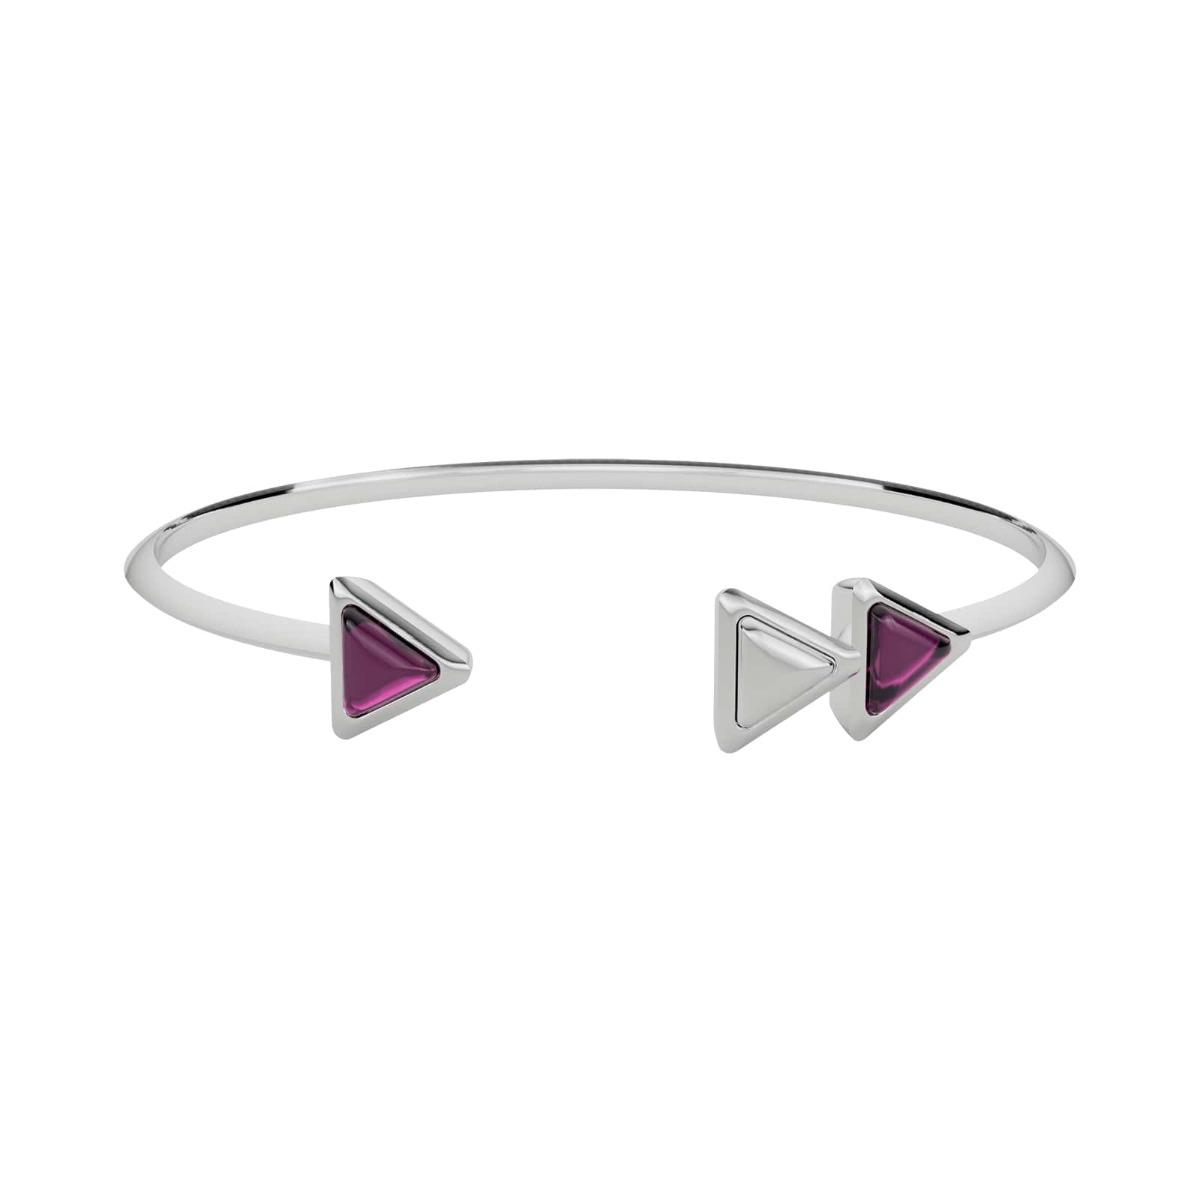 Bracelet Dove Vai Forward Gem Rose Gold Pink Garnet